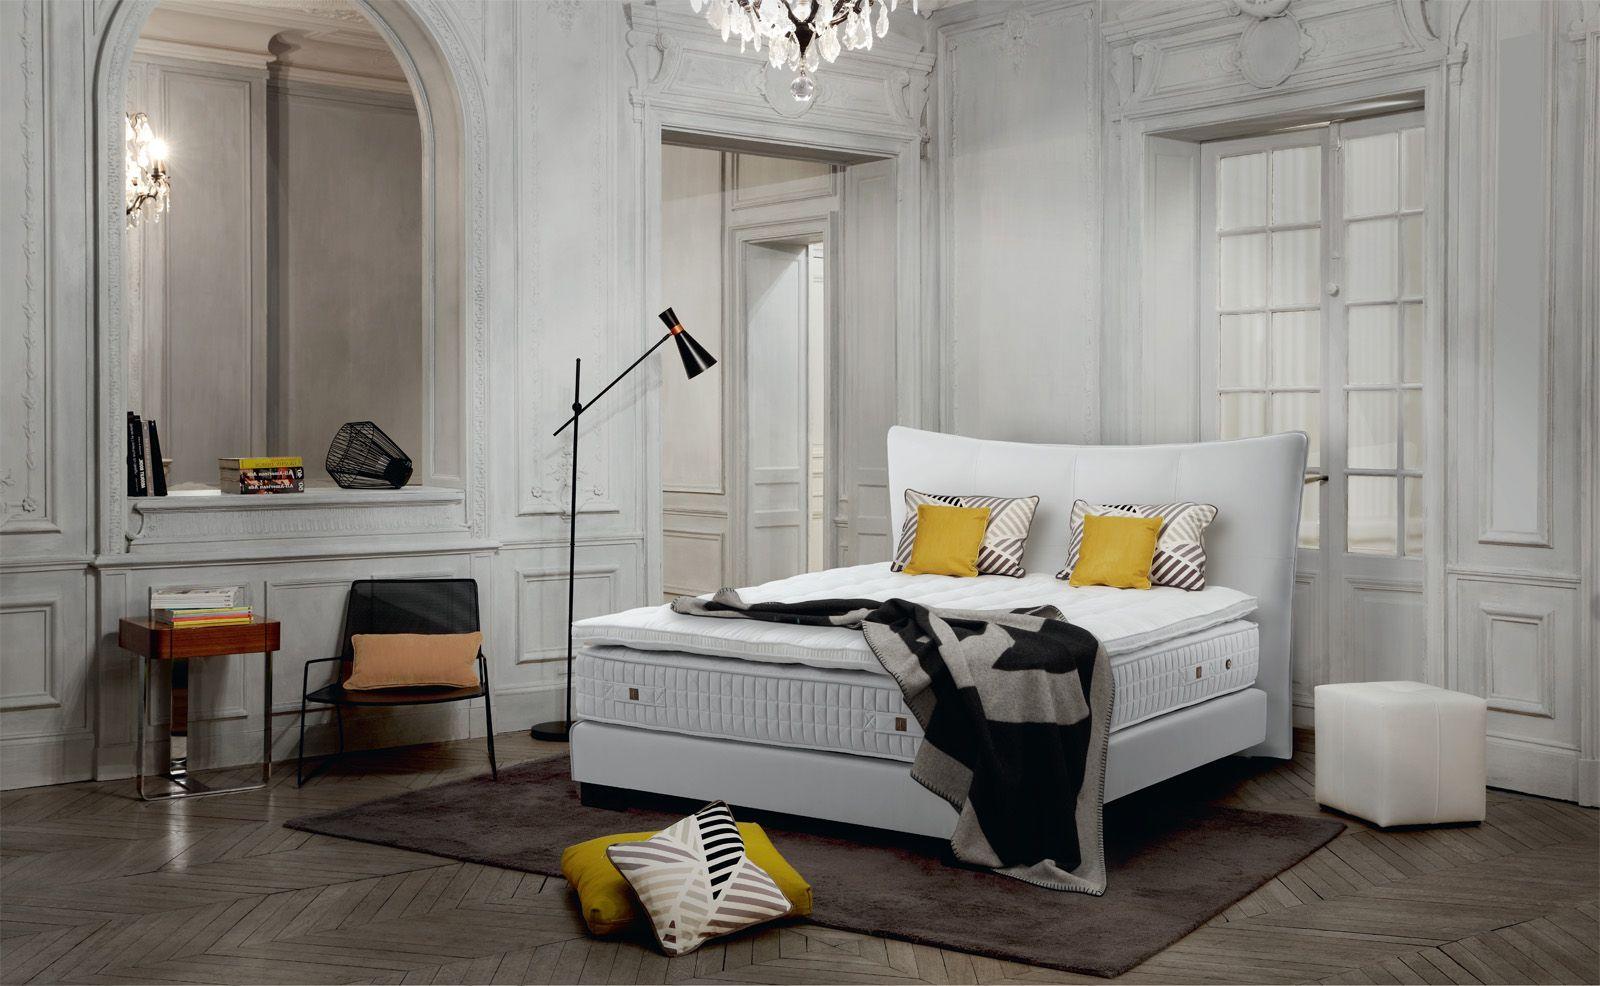 Full Size of Außergewöhnliche Betten Treca Paris Haute Couture Designerbetten Designer Bett 100x200 Outlet Ebay 180x200 Wohnwert Holz Günstig Kaufen Aus 160x200 140x200 Bett Außergewöhnliche Betten